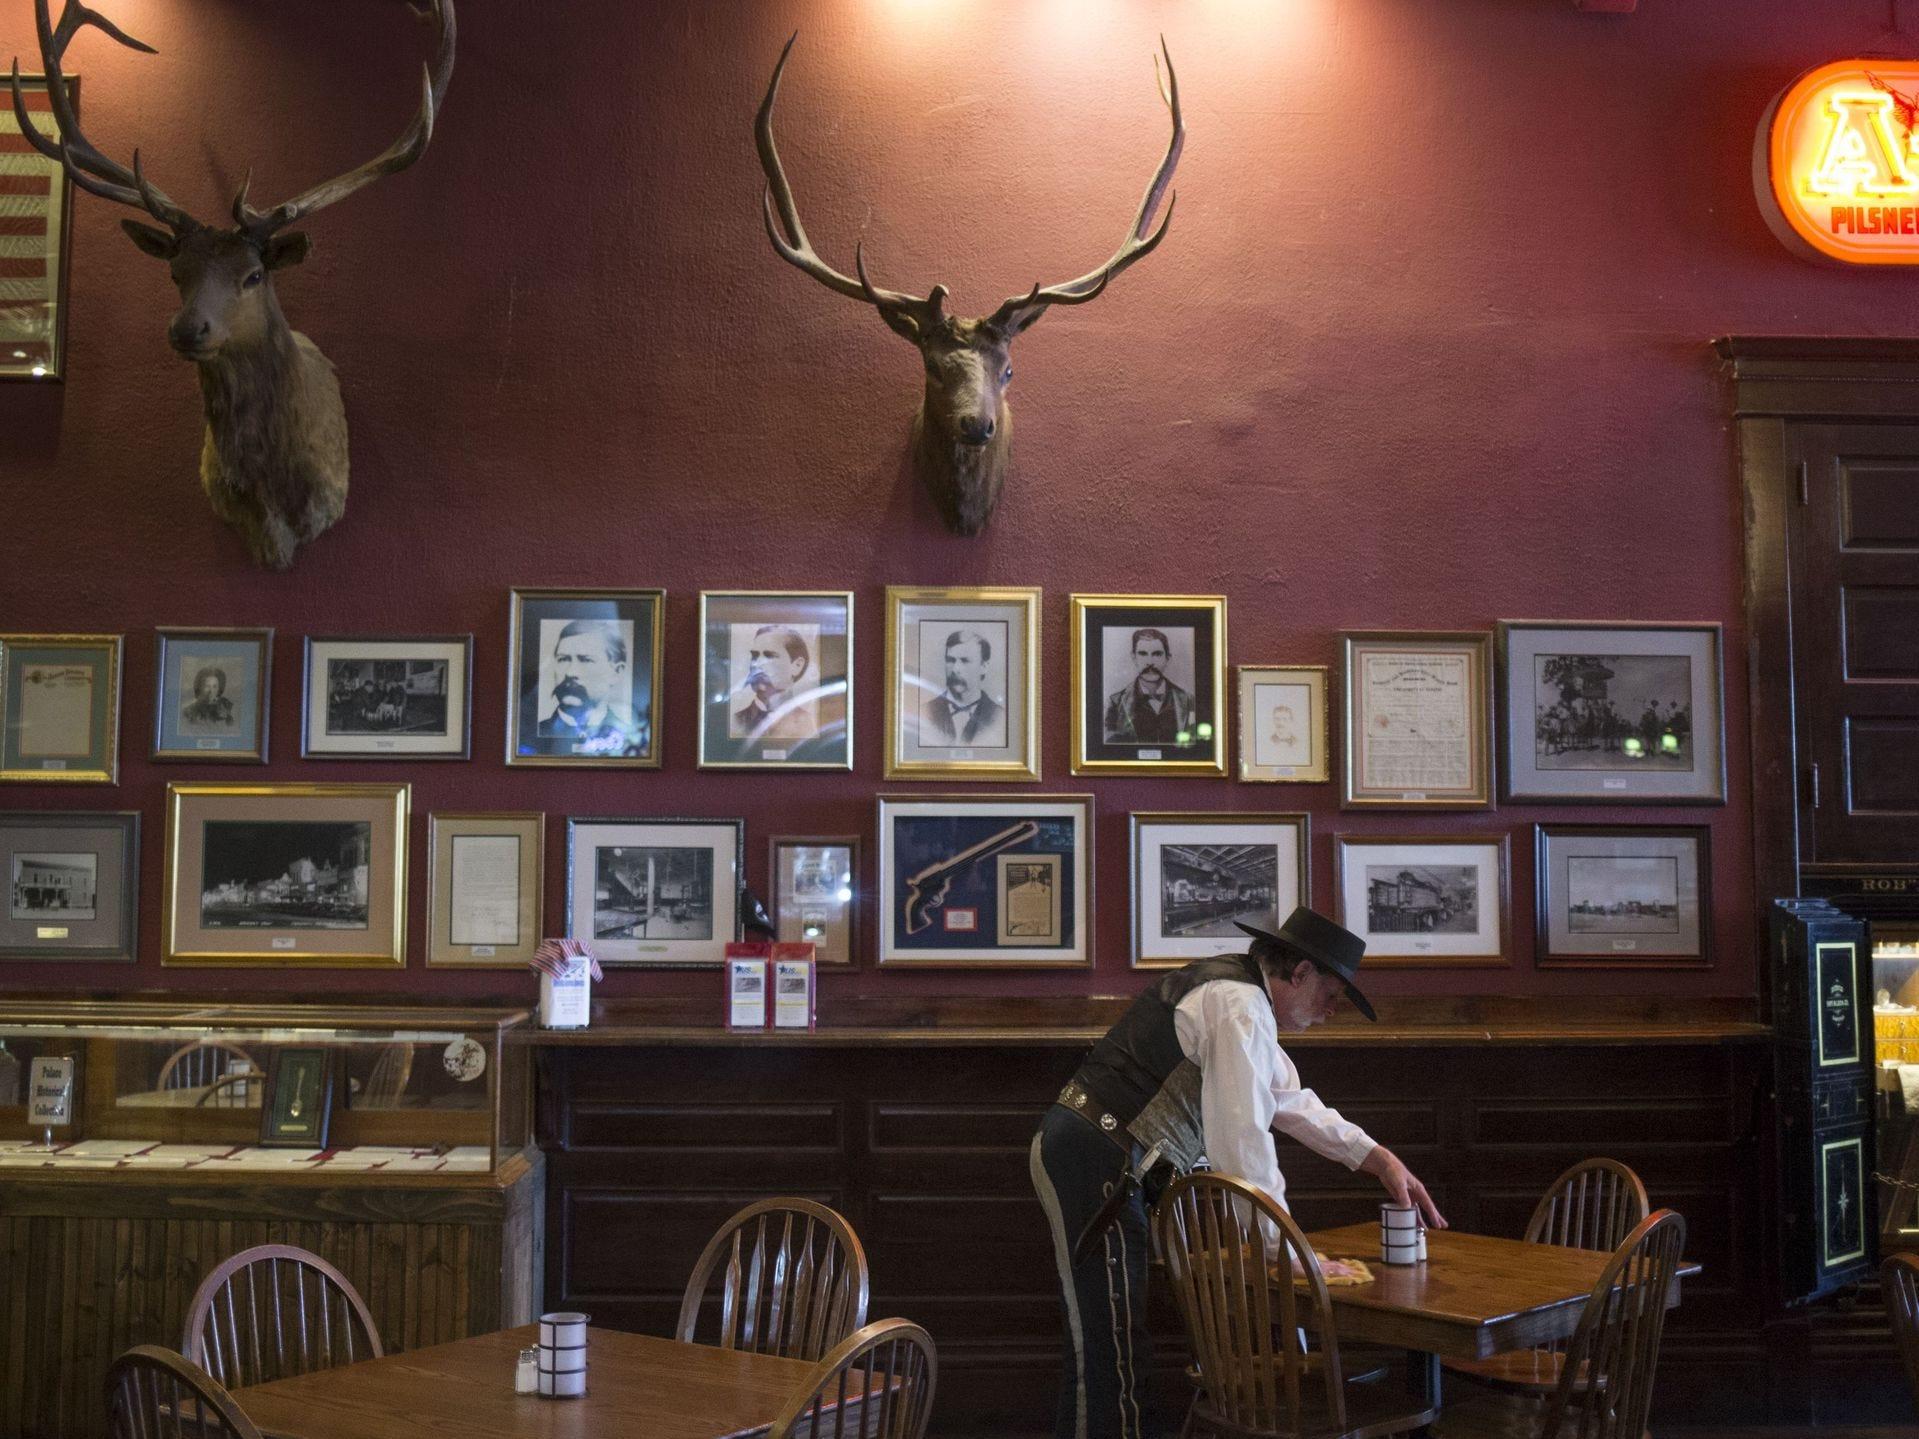 Steve Waller, el maitre de Palace, el 6 de noviembre de 2017, en el Palace Saloon y en el restaurante 120 S. Montezuma Street, Prescott, Arizona.